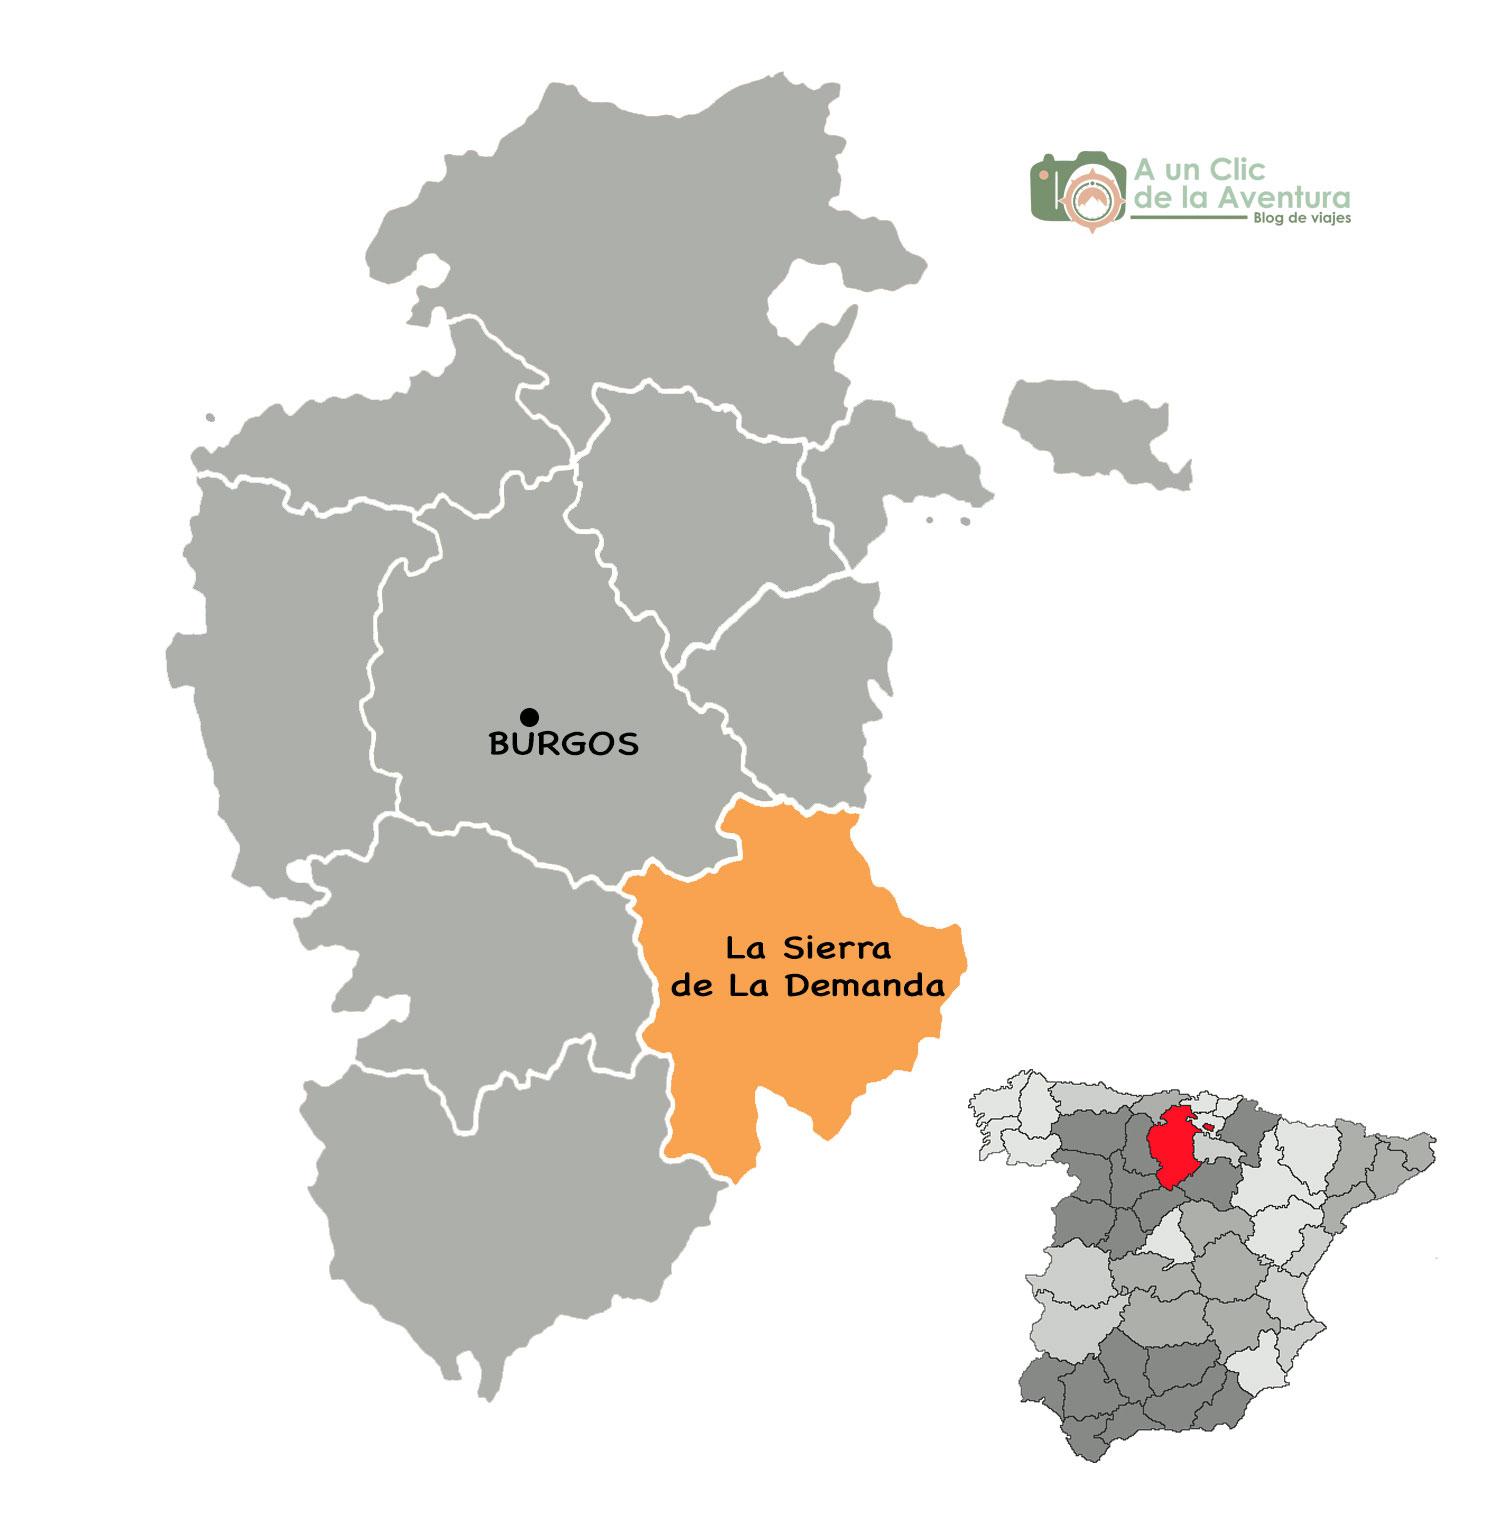 Mapa de la Sierra de la Demanda de Burgos